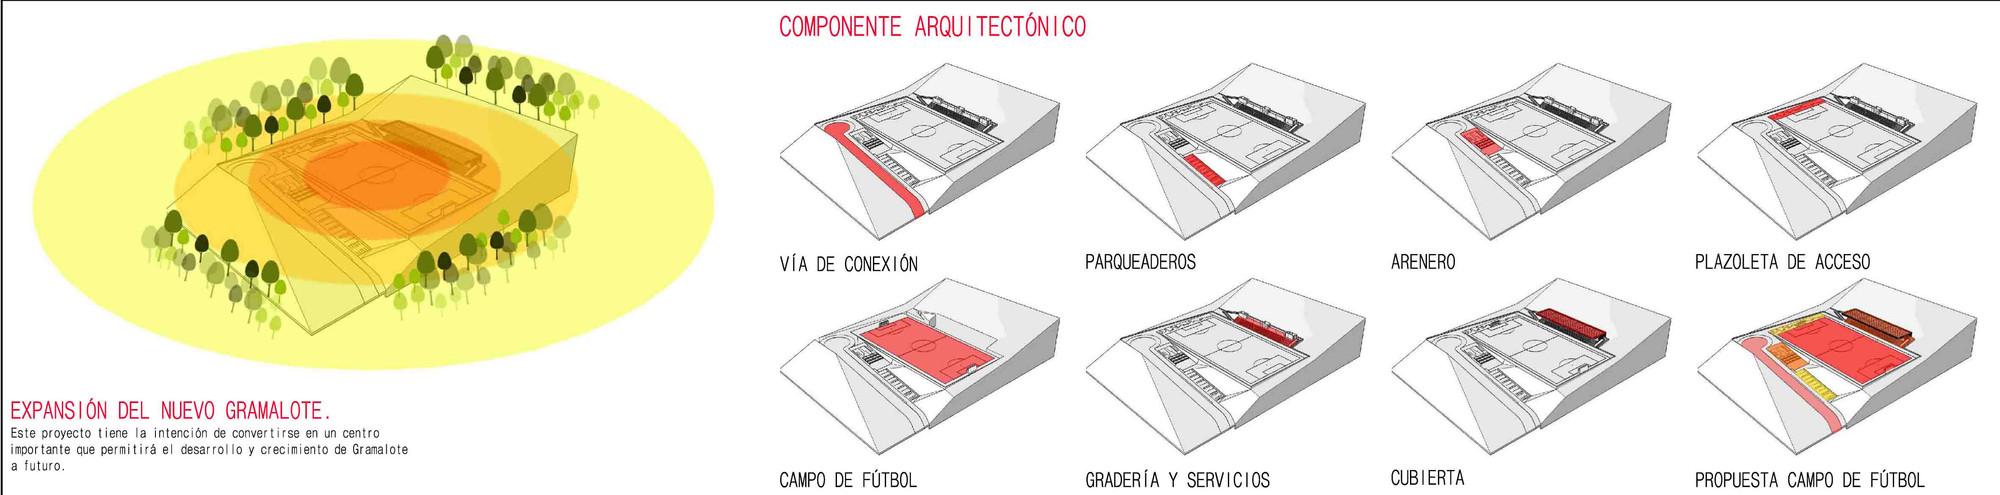 Propuesta. Image Courtesy of CONTRAPUNTO Taller de Arquitectura